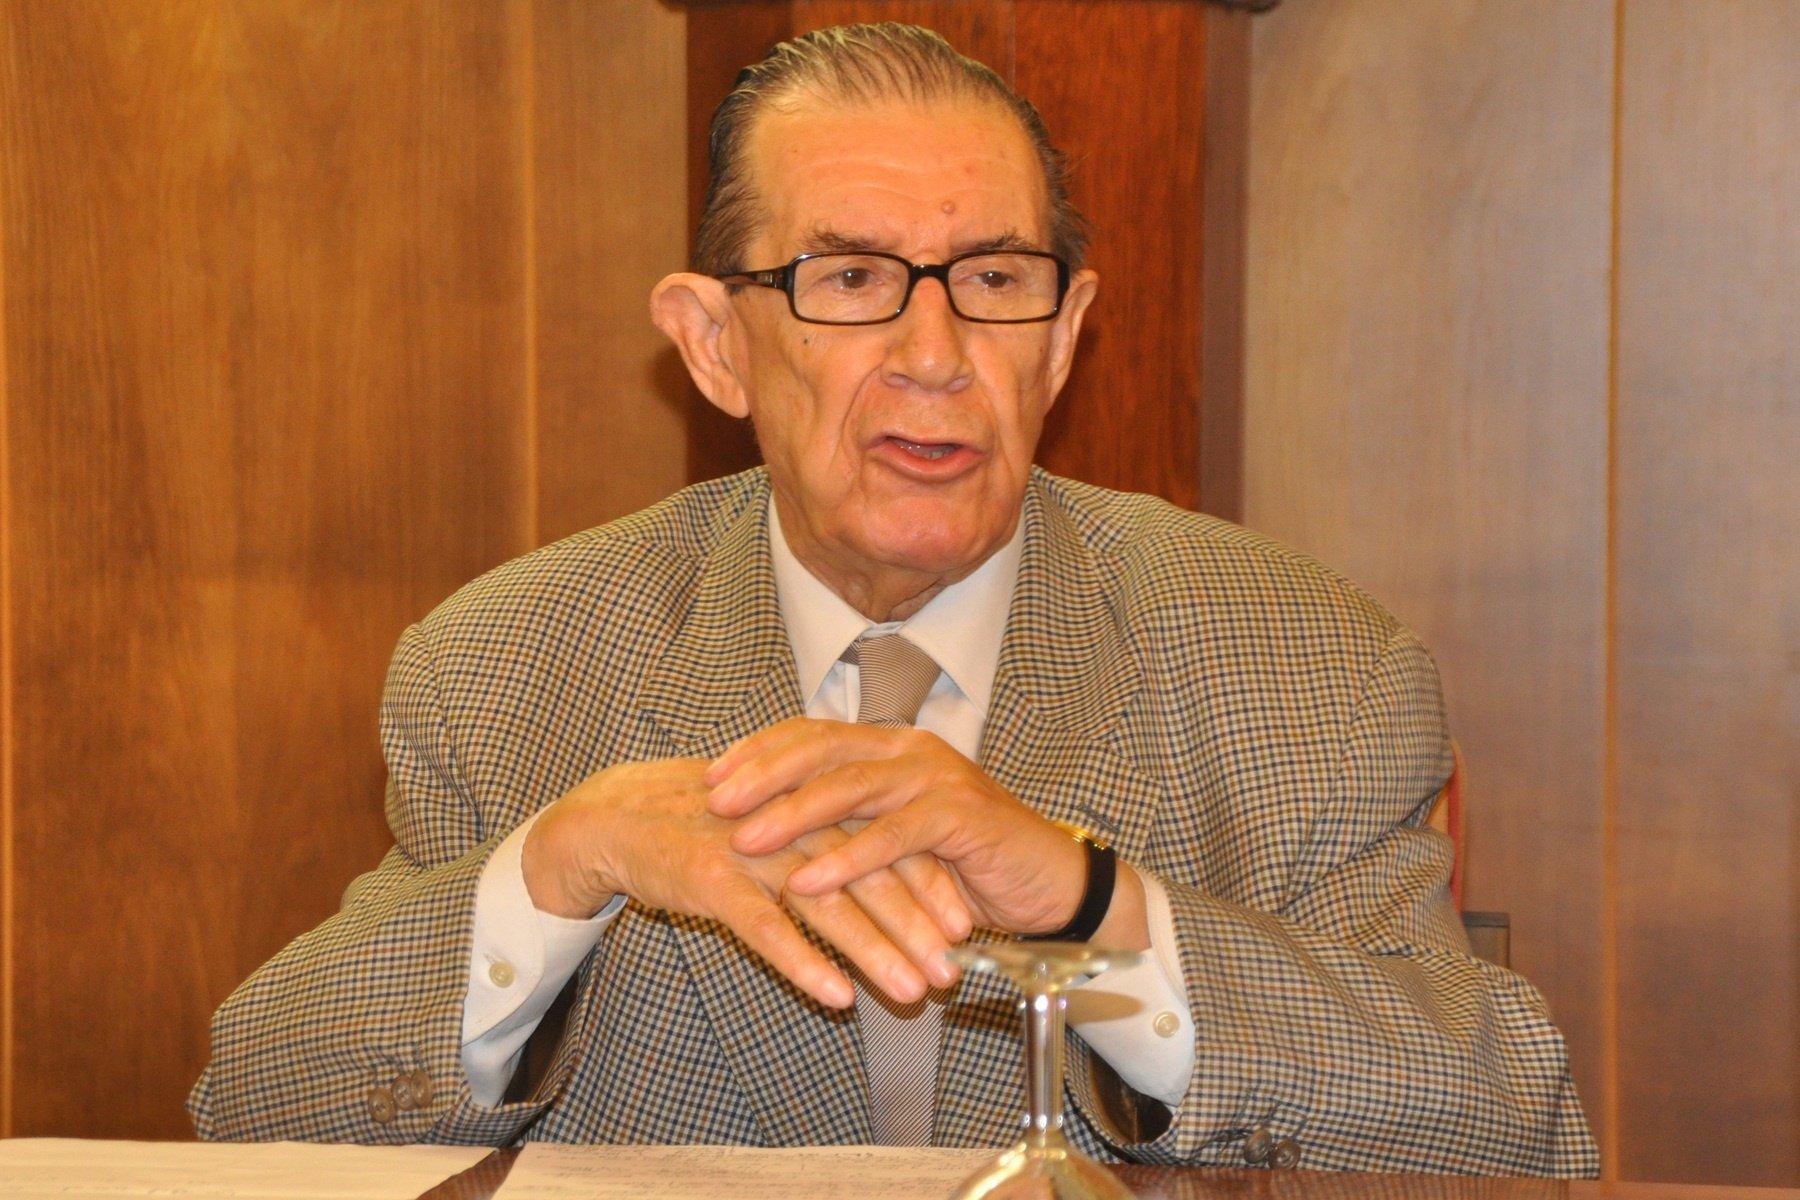 Economia-El economista Velarde cree que la reforma laboral era «absolutamente necesaria» e incluso «se ha quedado corta»